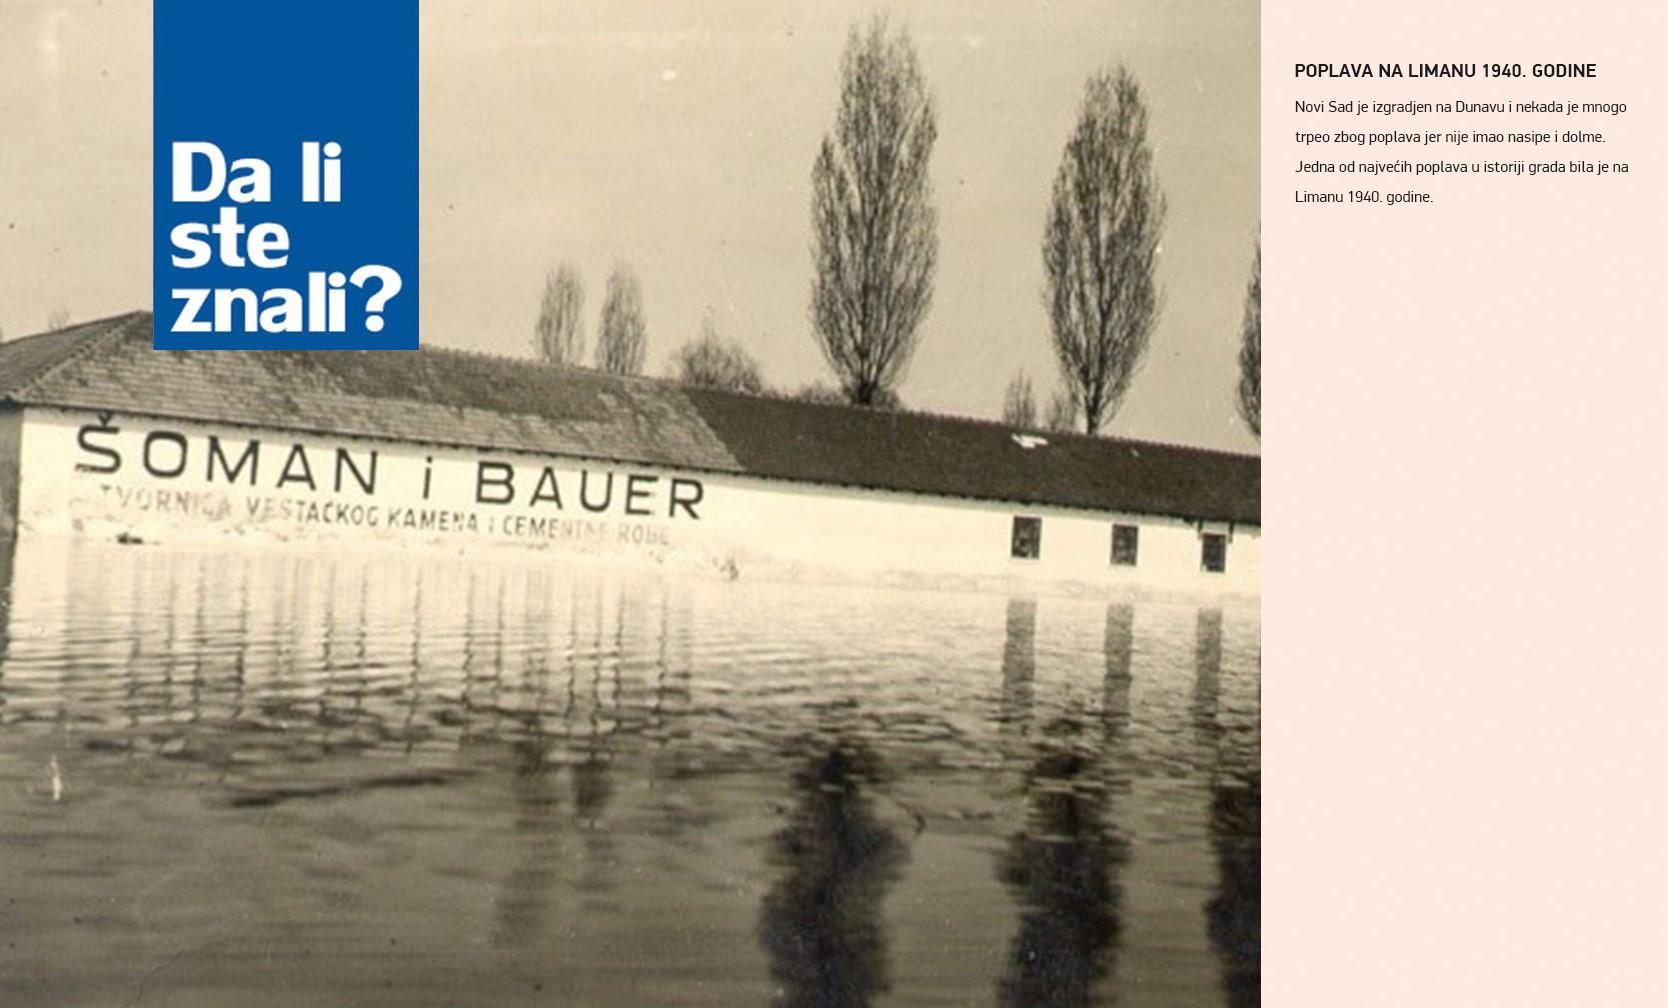 Poplava na LImanu 1940. godine